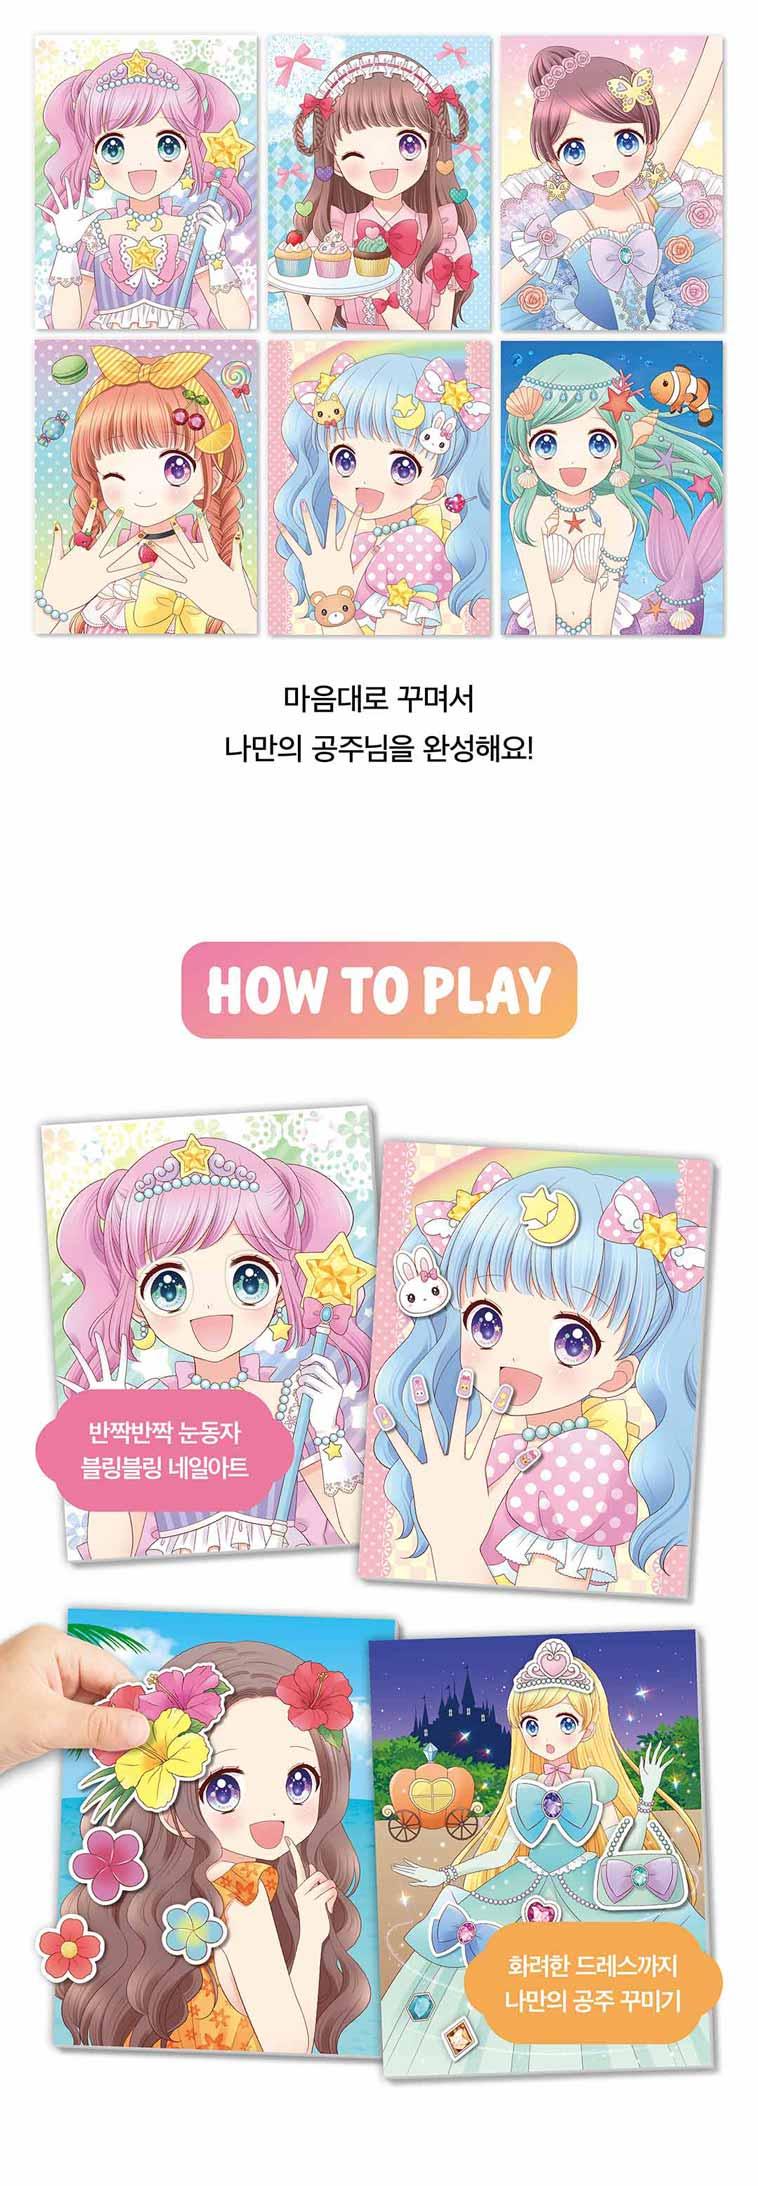 2맘대로상페_공주758.jpg